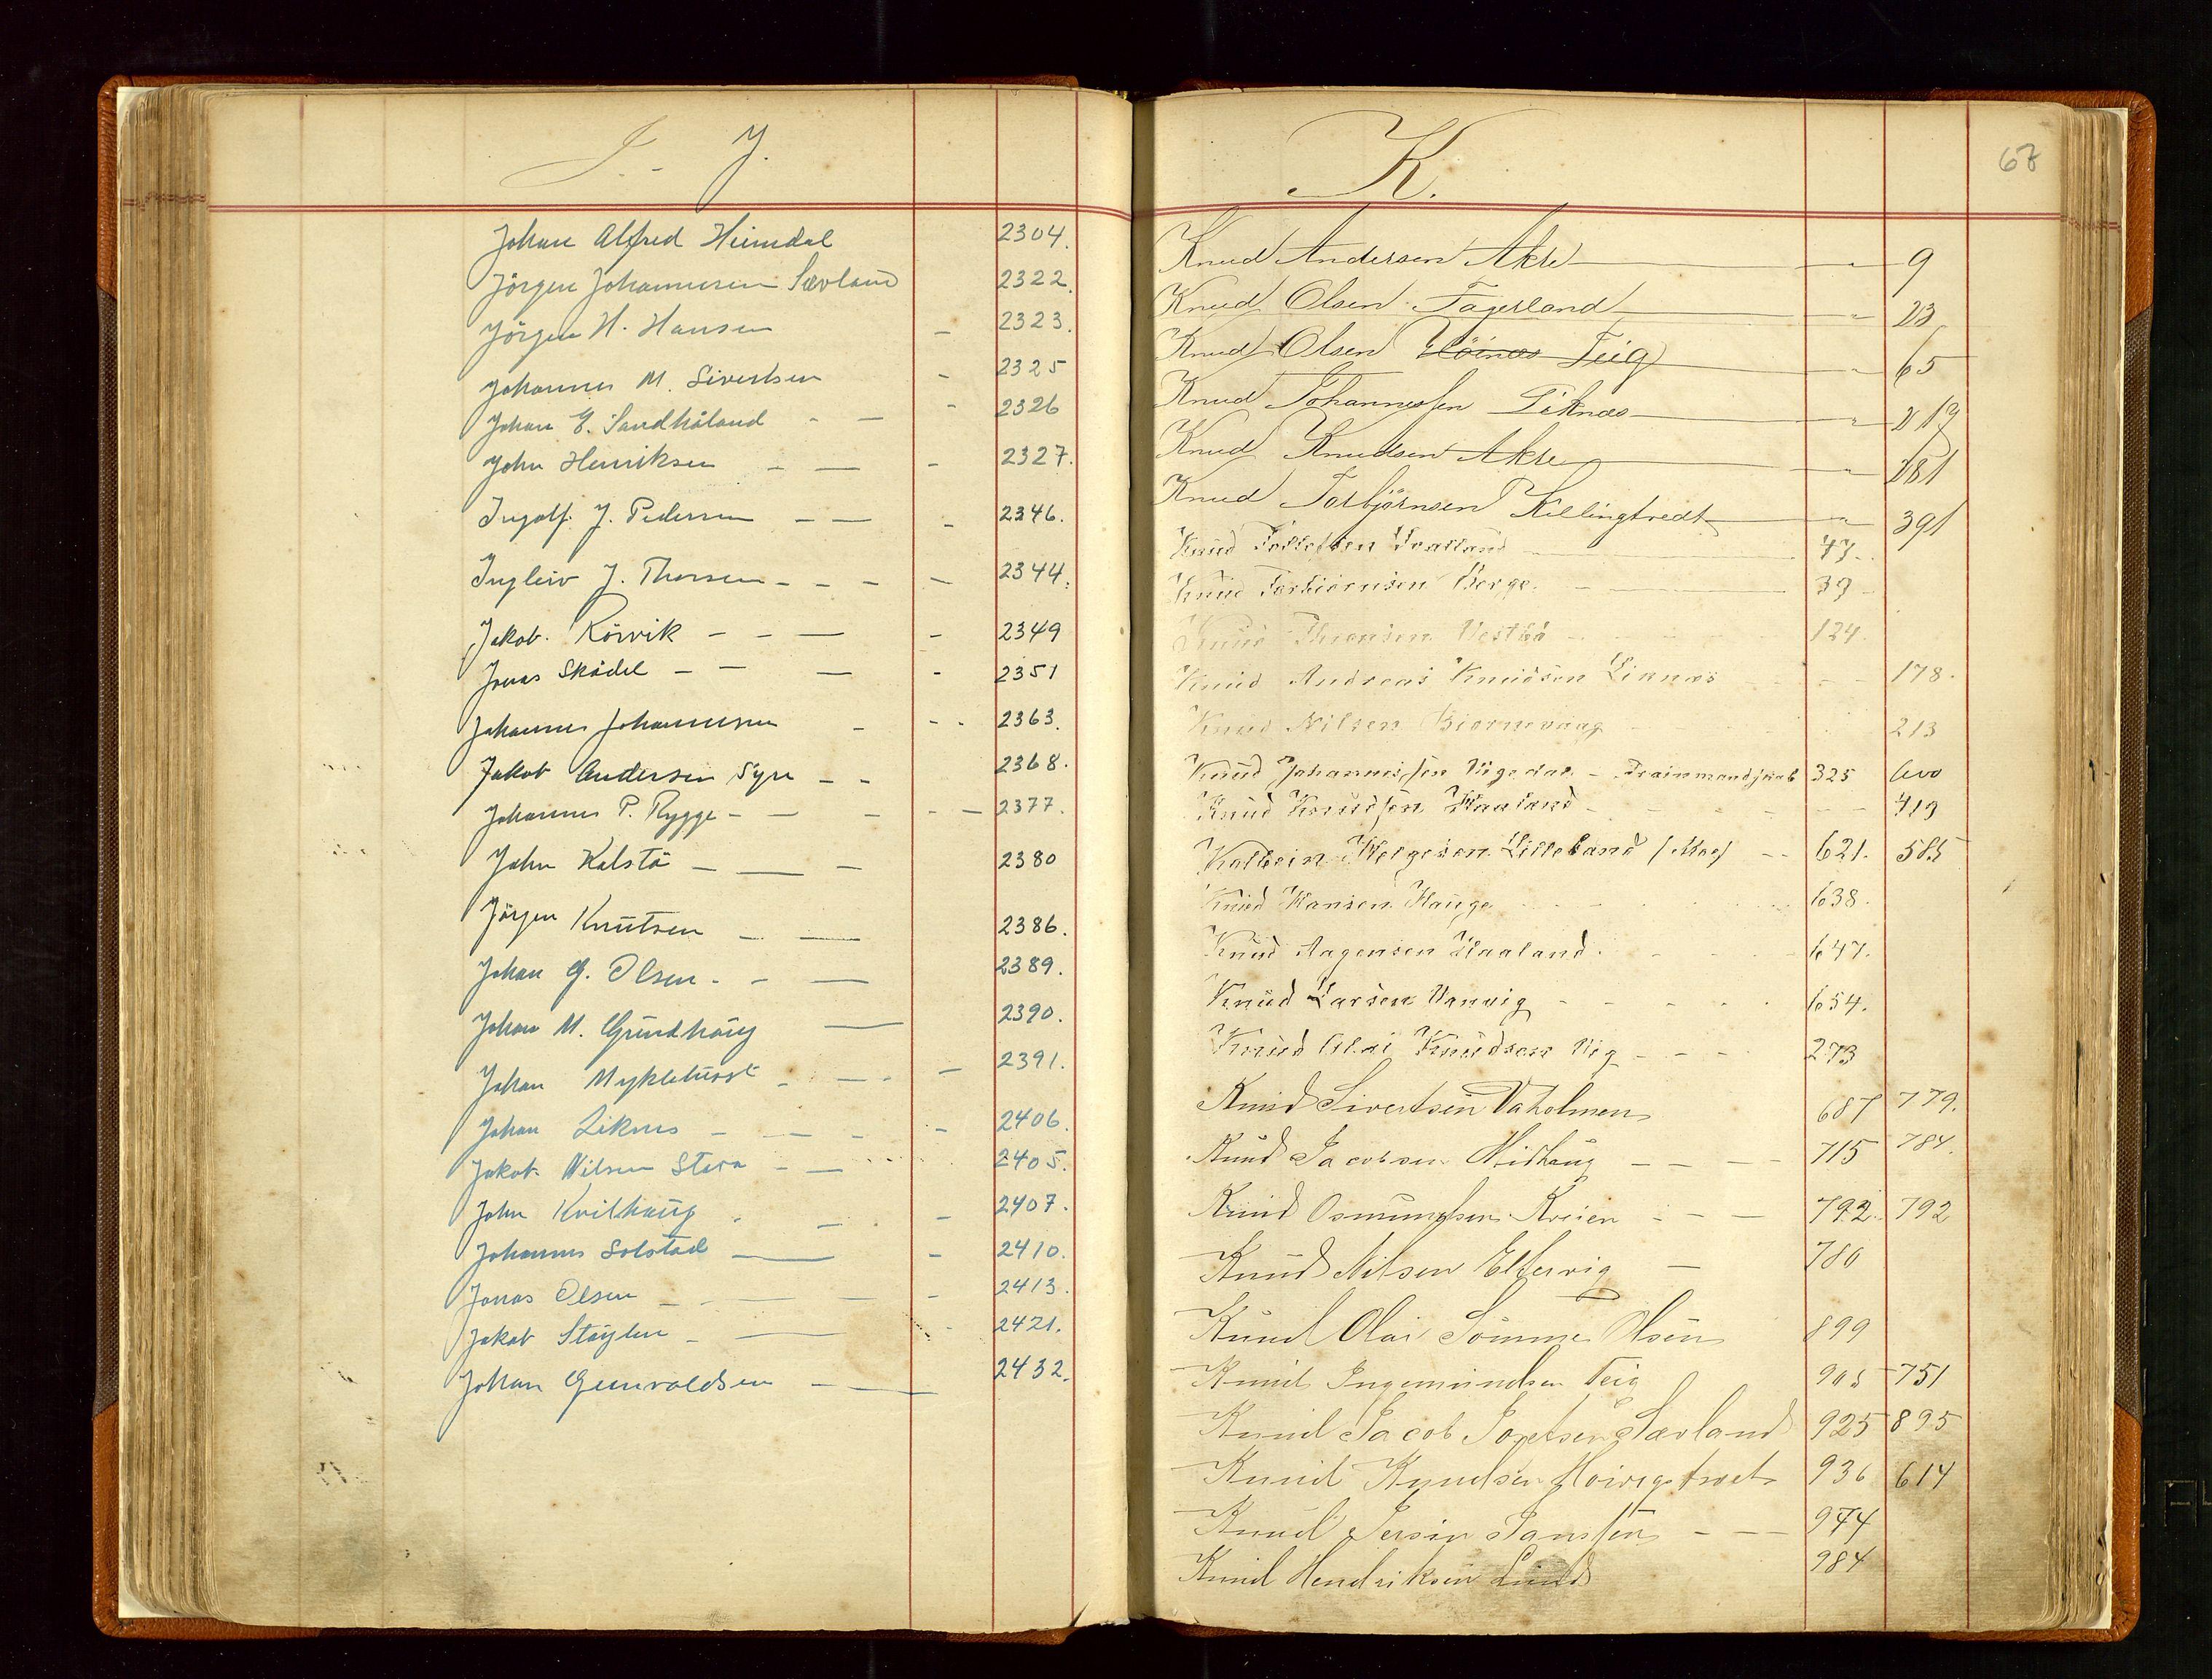 SAST, Haugesund sjømannskontor, F/Fb/Fba/L0003: Navneregister med henvisning til rullenummer (fornavn) Haugesund krets, 1860-1948, s. 67